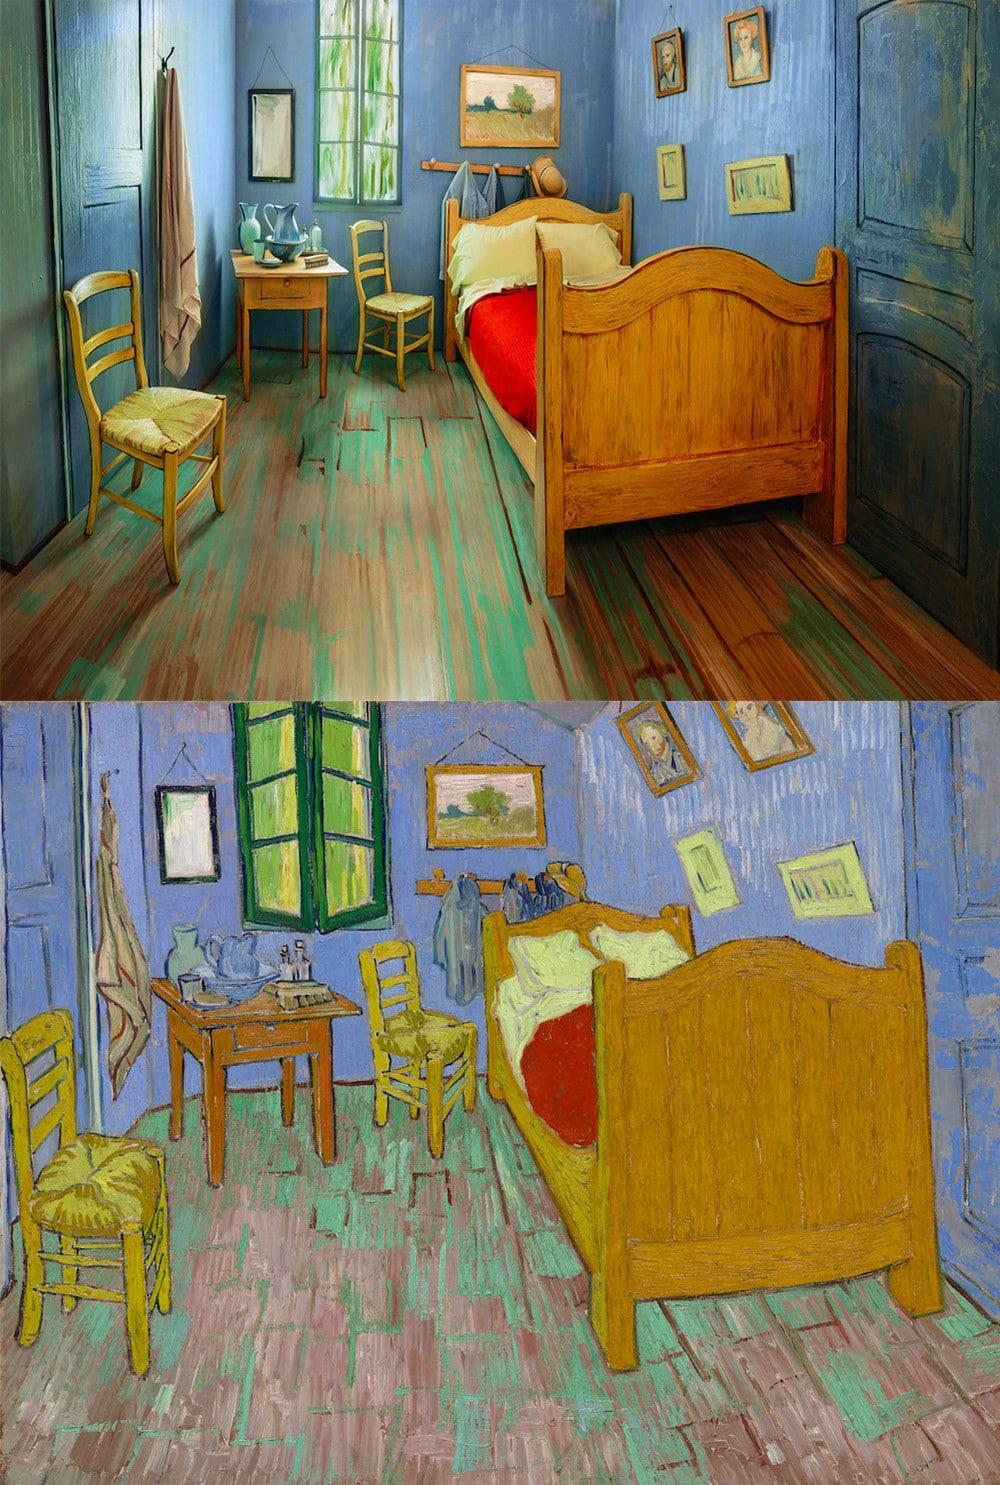 La chambre de van gogh d sormais en location sur airbnb for Chambre van gogh